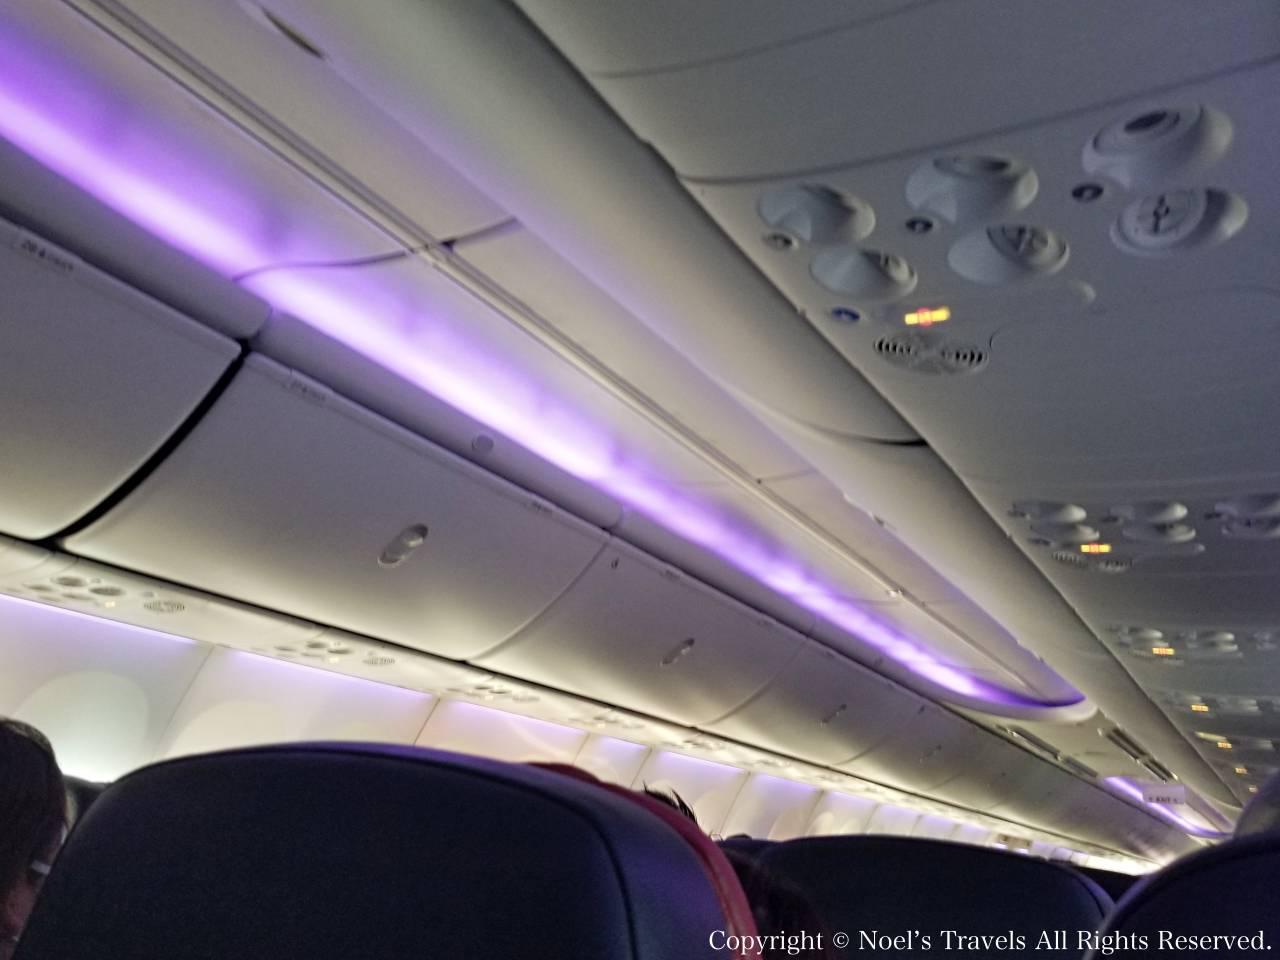 ヴァージンオーストラリアの機内